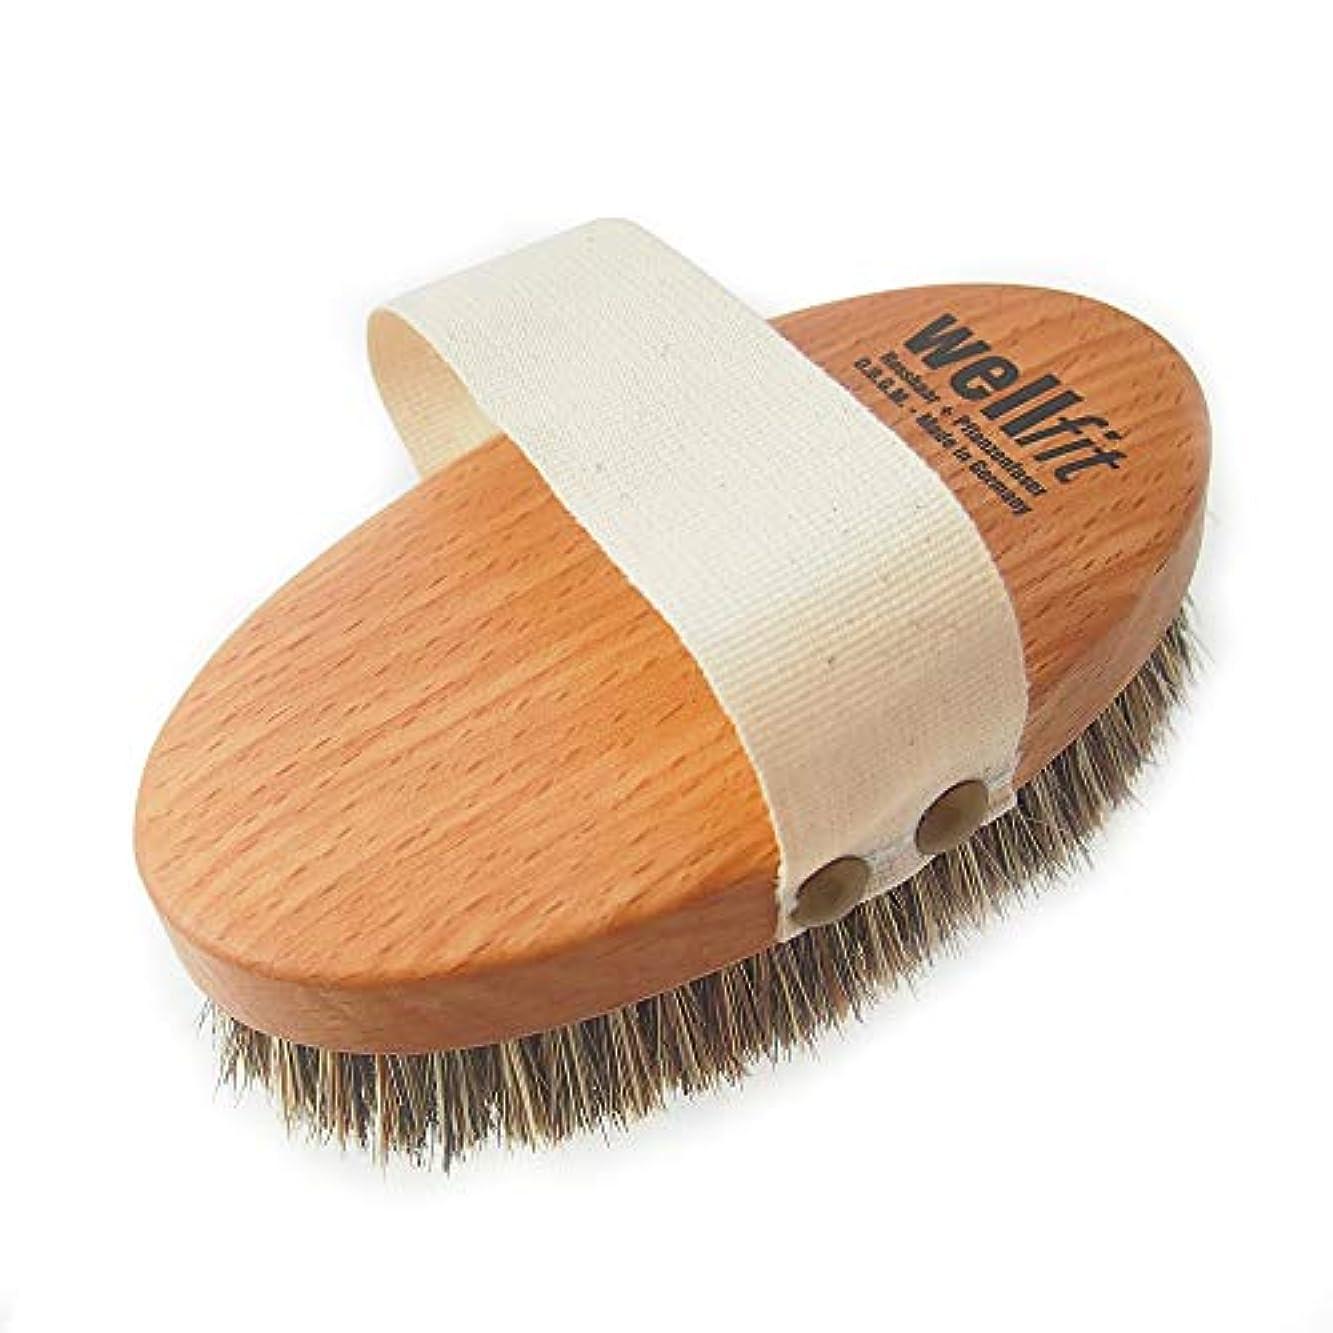 描く破壊するボタンレデッカー Redecker マッサージブラシ(ミディアムハード 馬毛と植物毛の混毛植毛) 正規品